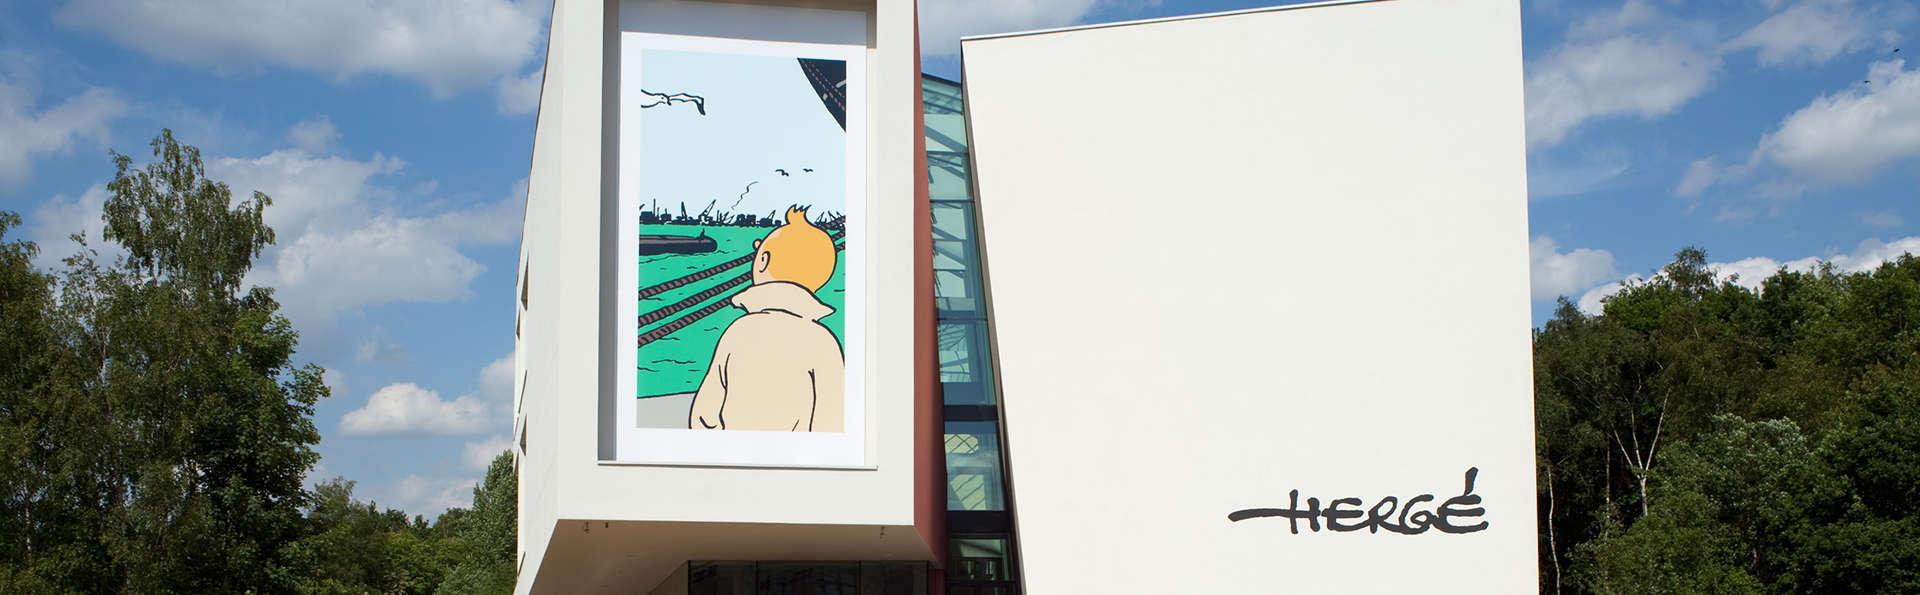 Entre art contemporain et Tintin, escapade culturelle en Brabant wallon